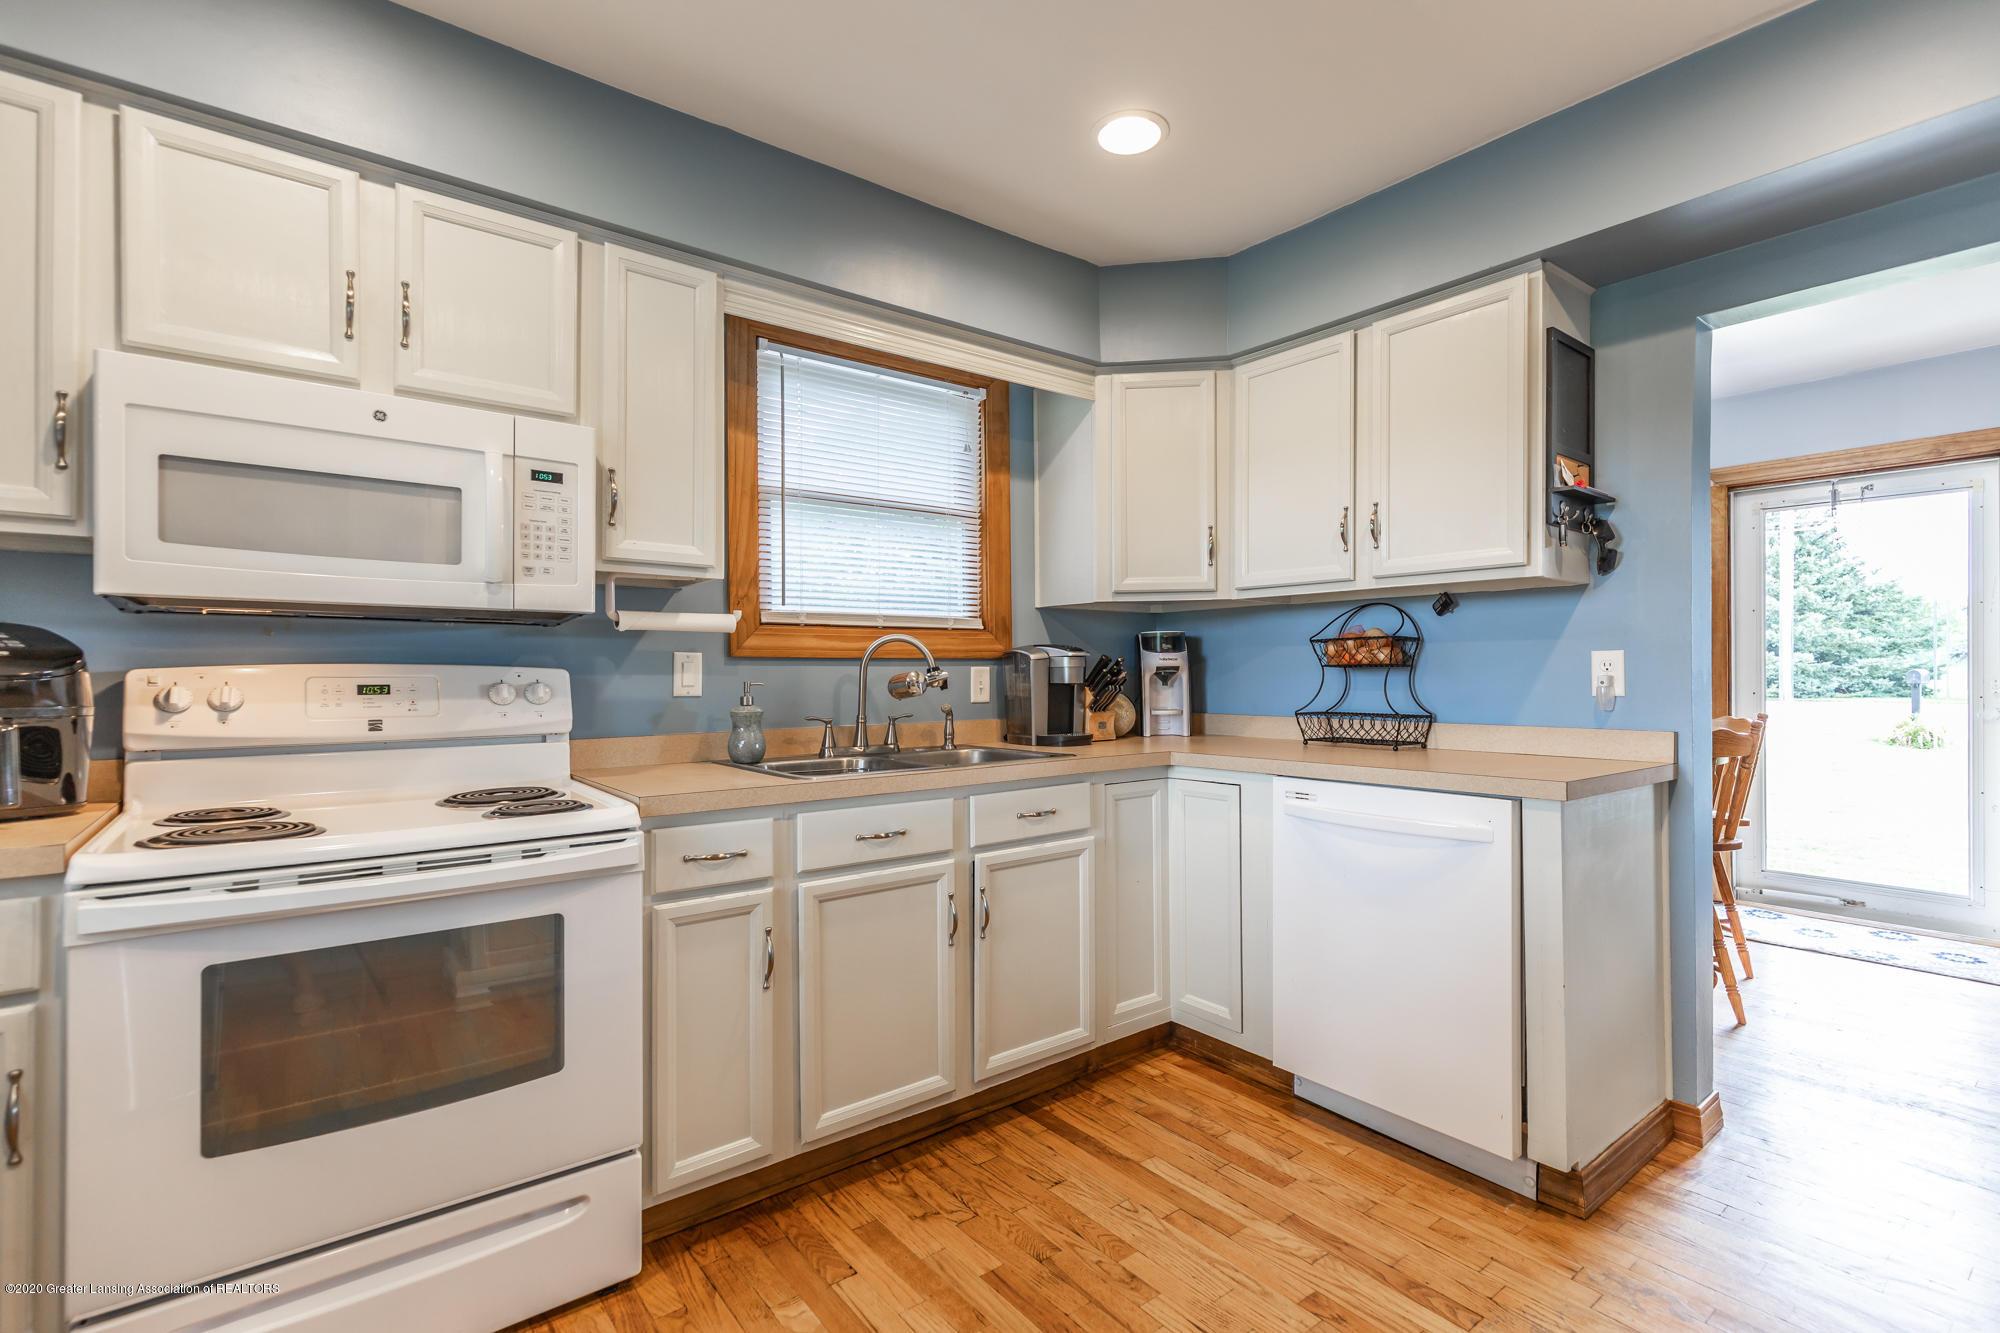 205 W Herbison Rd - Kitchen - 12